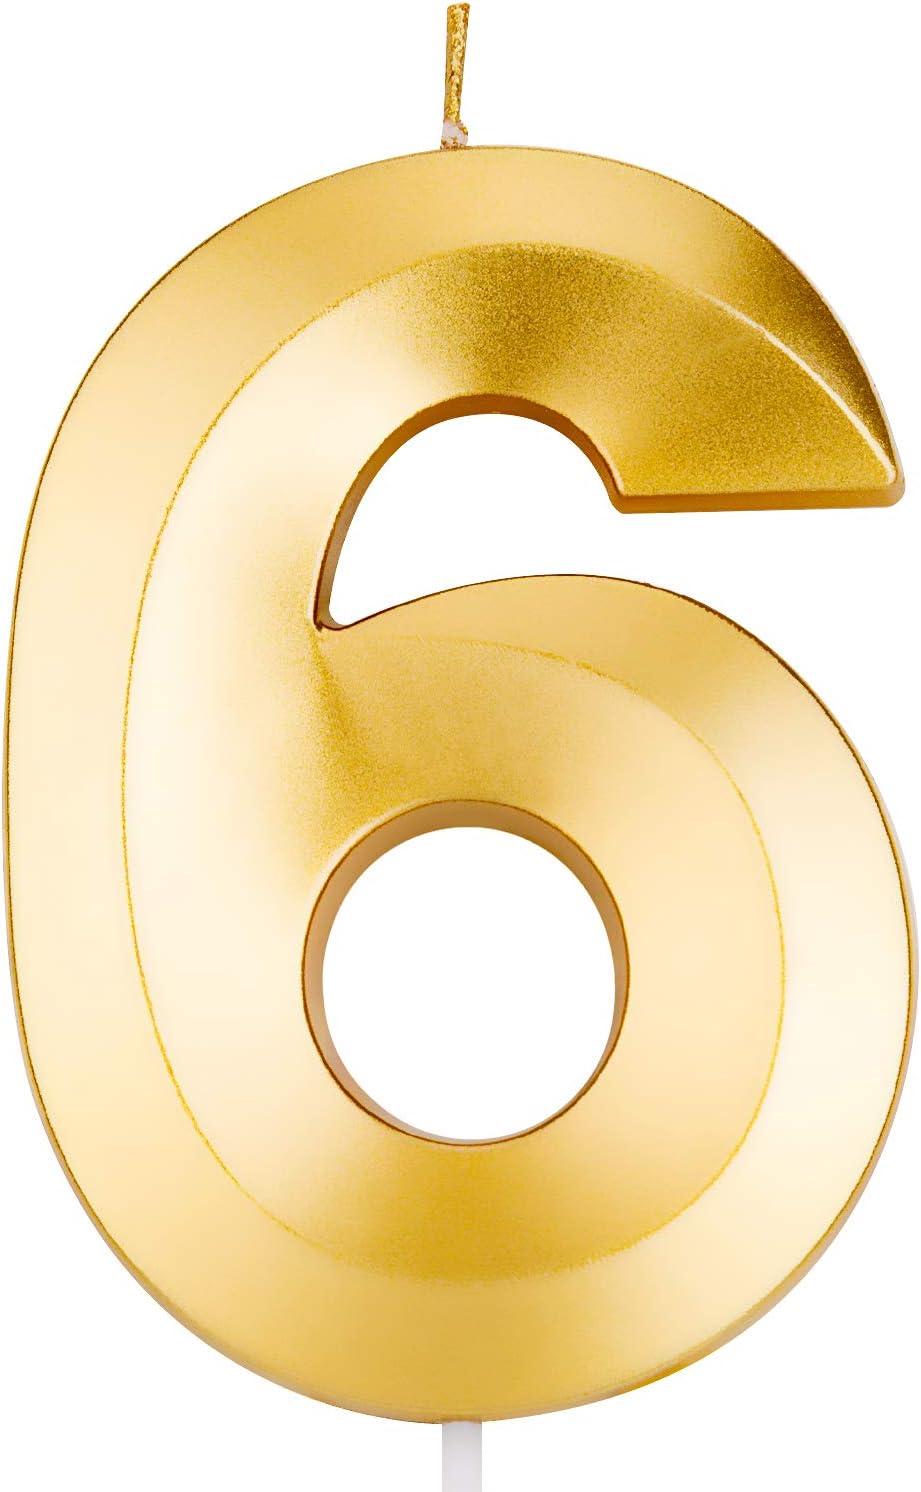 LUTER Bougies de G/âteau de Joyeux Anniversaire Gold Glitter avec Design Fold Nombre de Bougies Num/éro 2 Anniversaire Bougie D/écoration de G/âteau pour F/ête Enfants Adultes 9,5cm